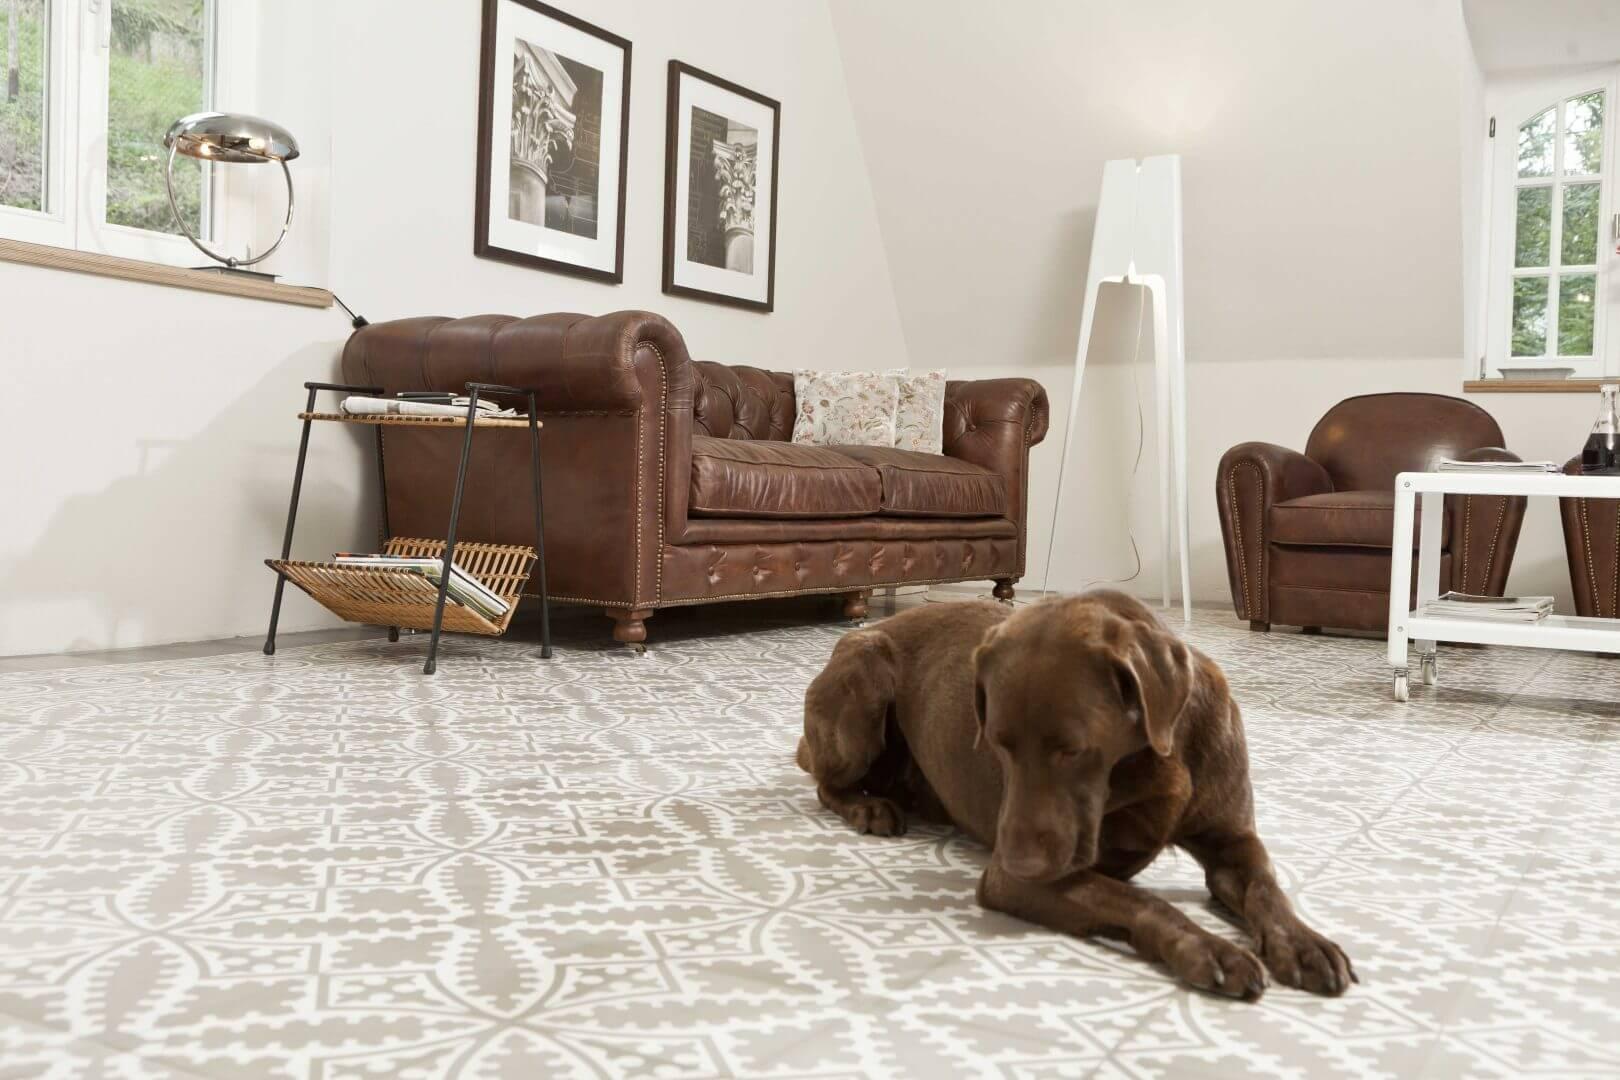 Betonfliesen für Küche, Wand und Boden - Trendige Designfliesen - Eberl